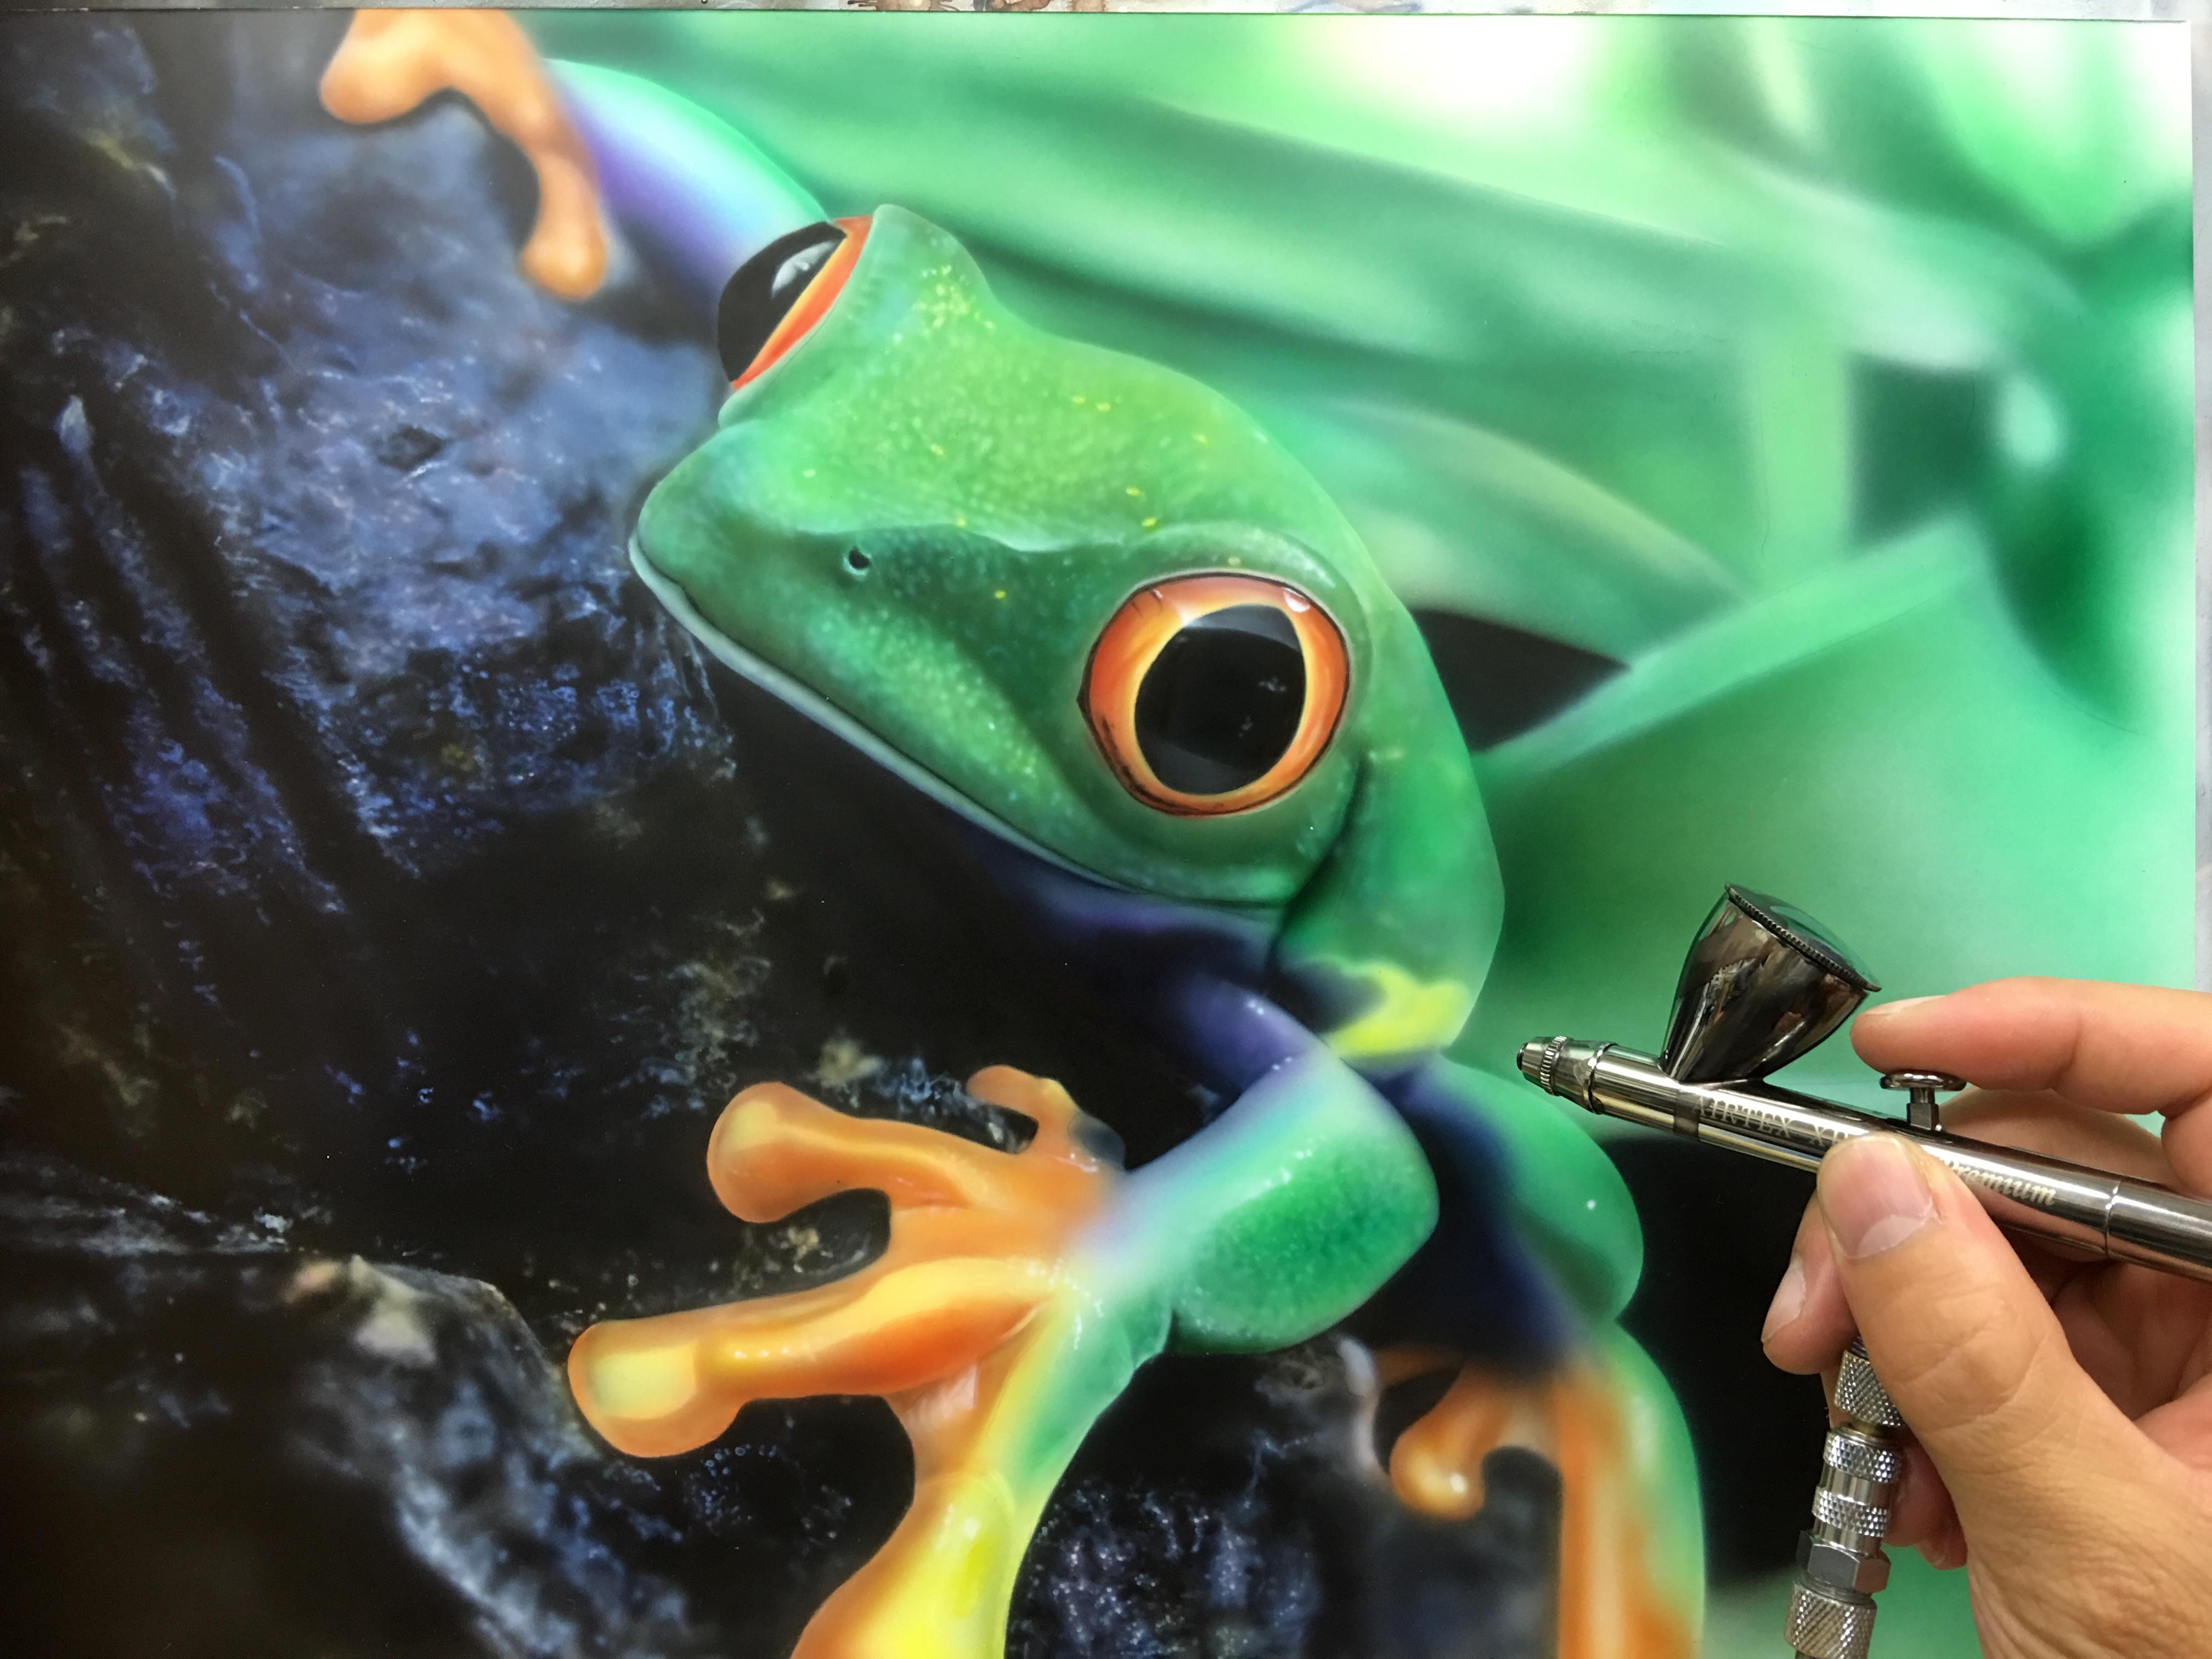 エアブラシ カエルの絵